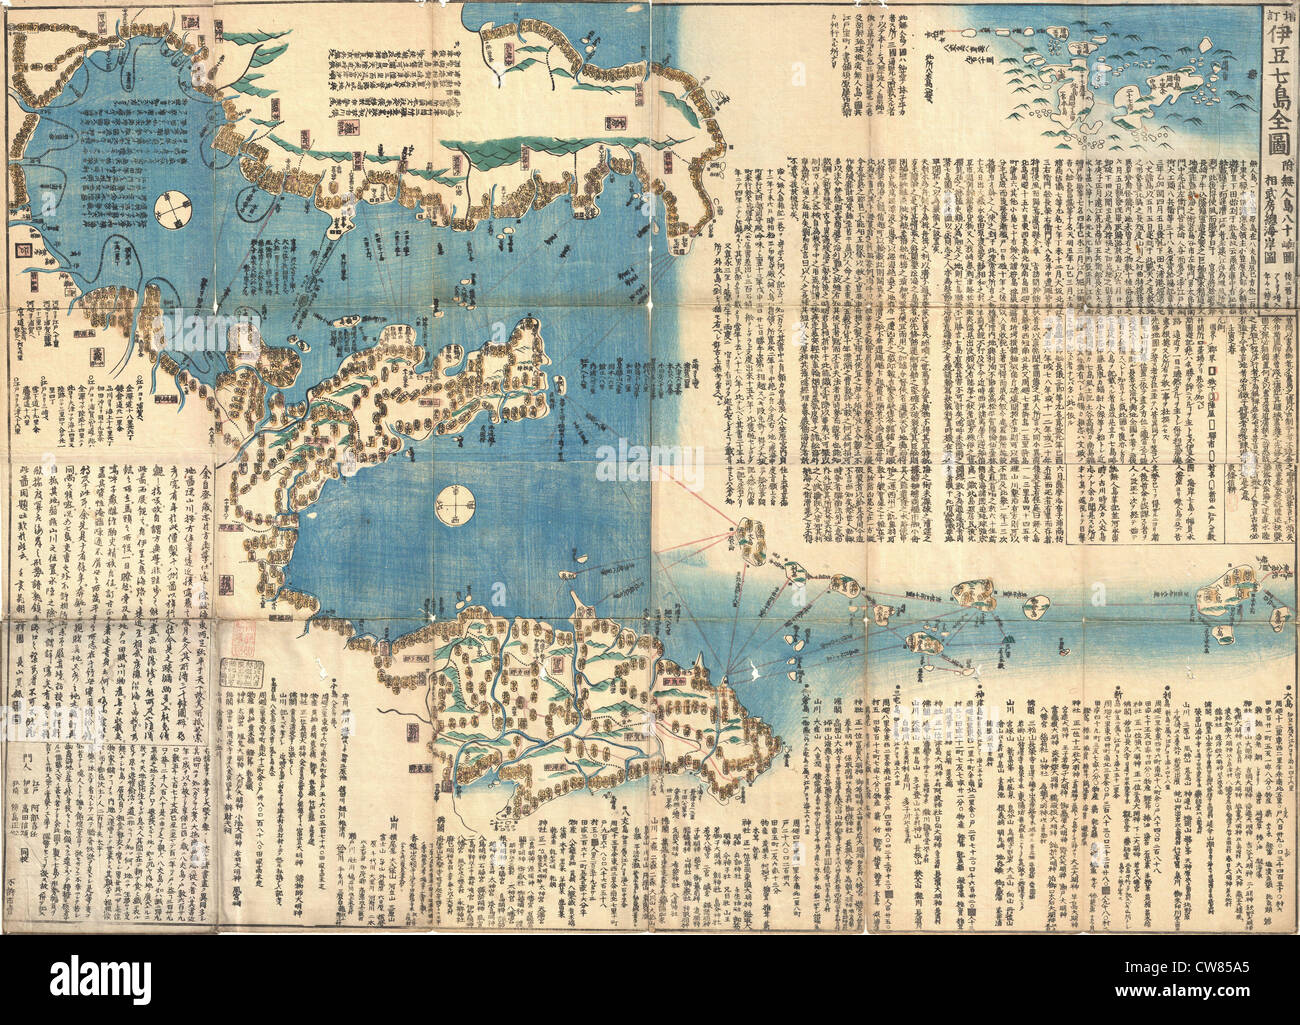 1847 Giapponese Periodo Edo Woodblock Mappa delle Isole Izu (Tokyo o Edo) Immagini Stock